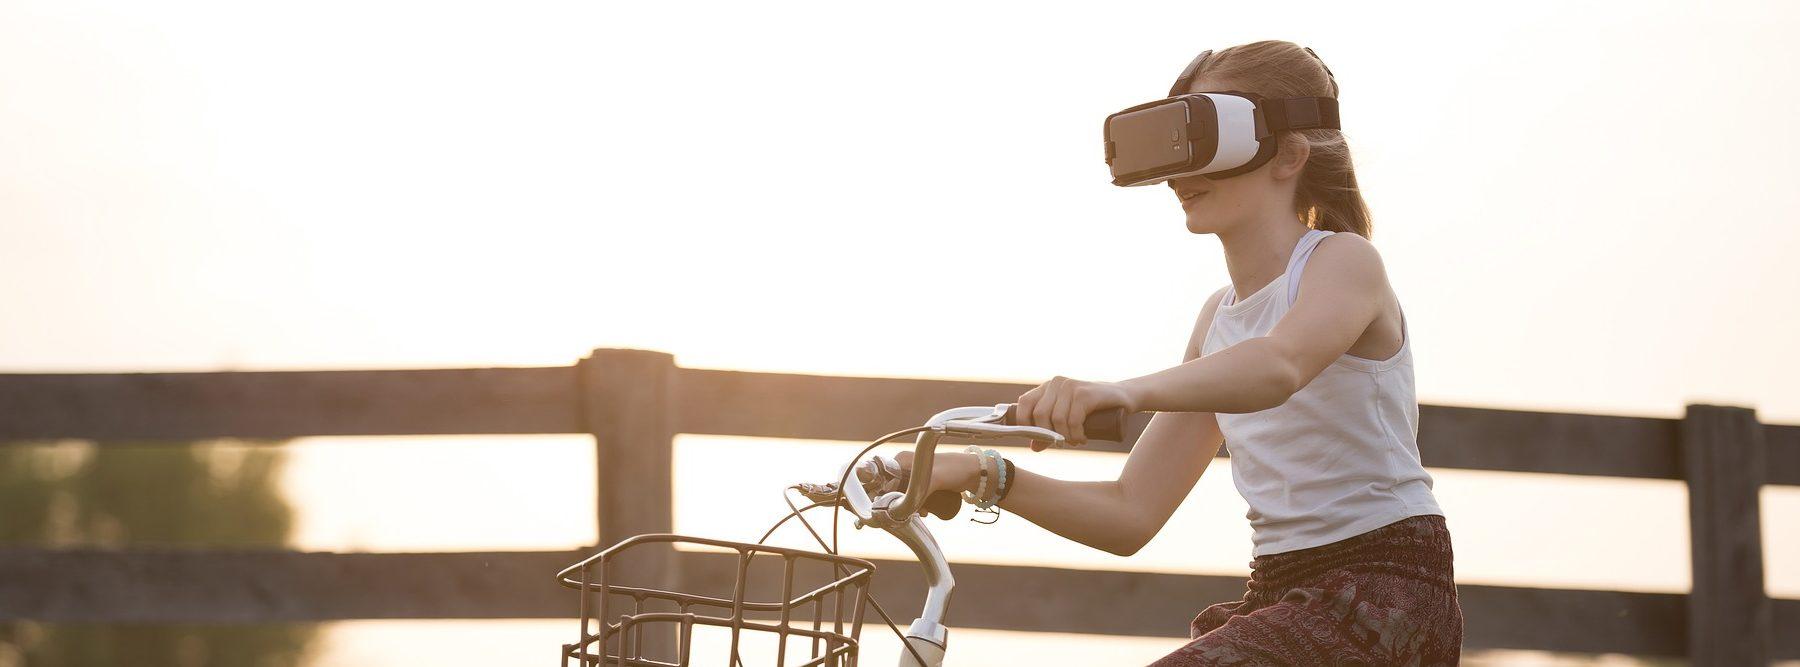 Microsoft presenta las nuevas gafas de realidad aumentada HoloLens 2